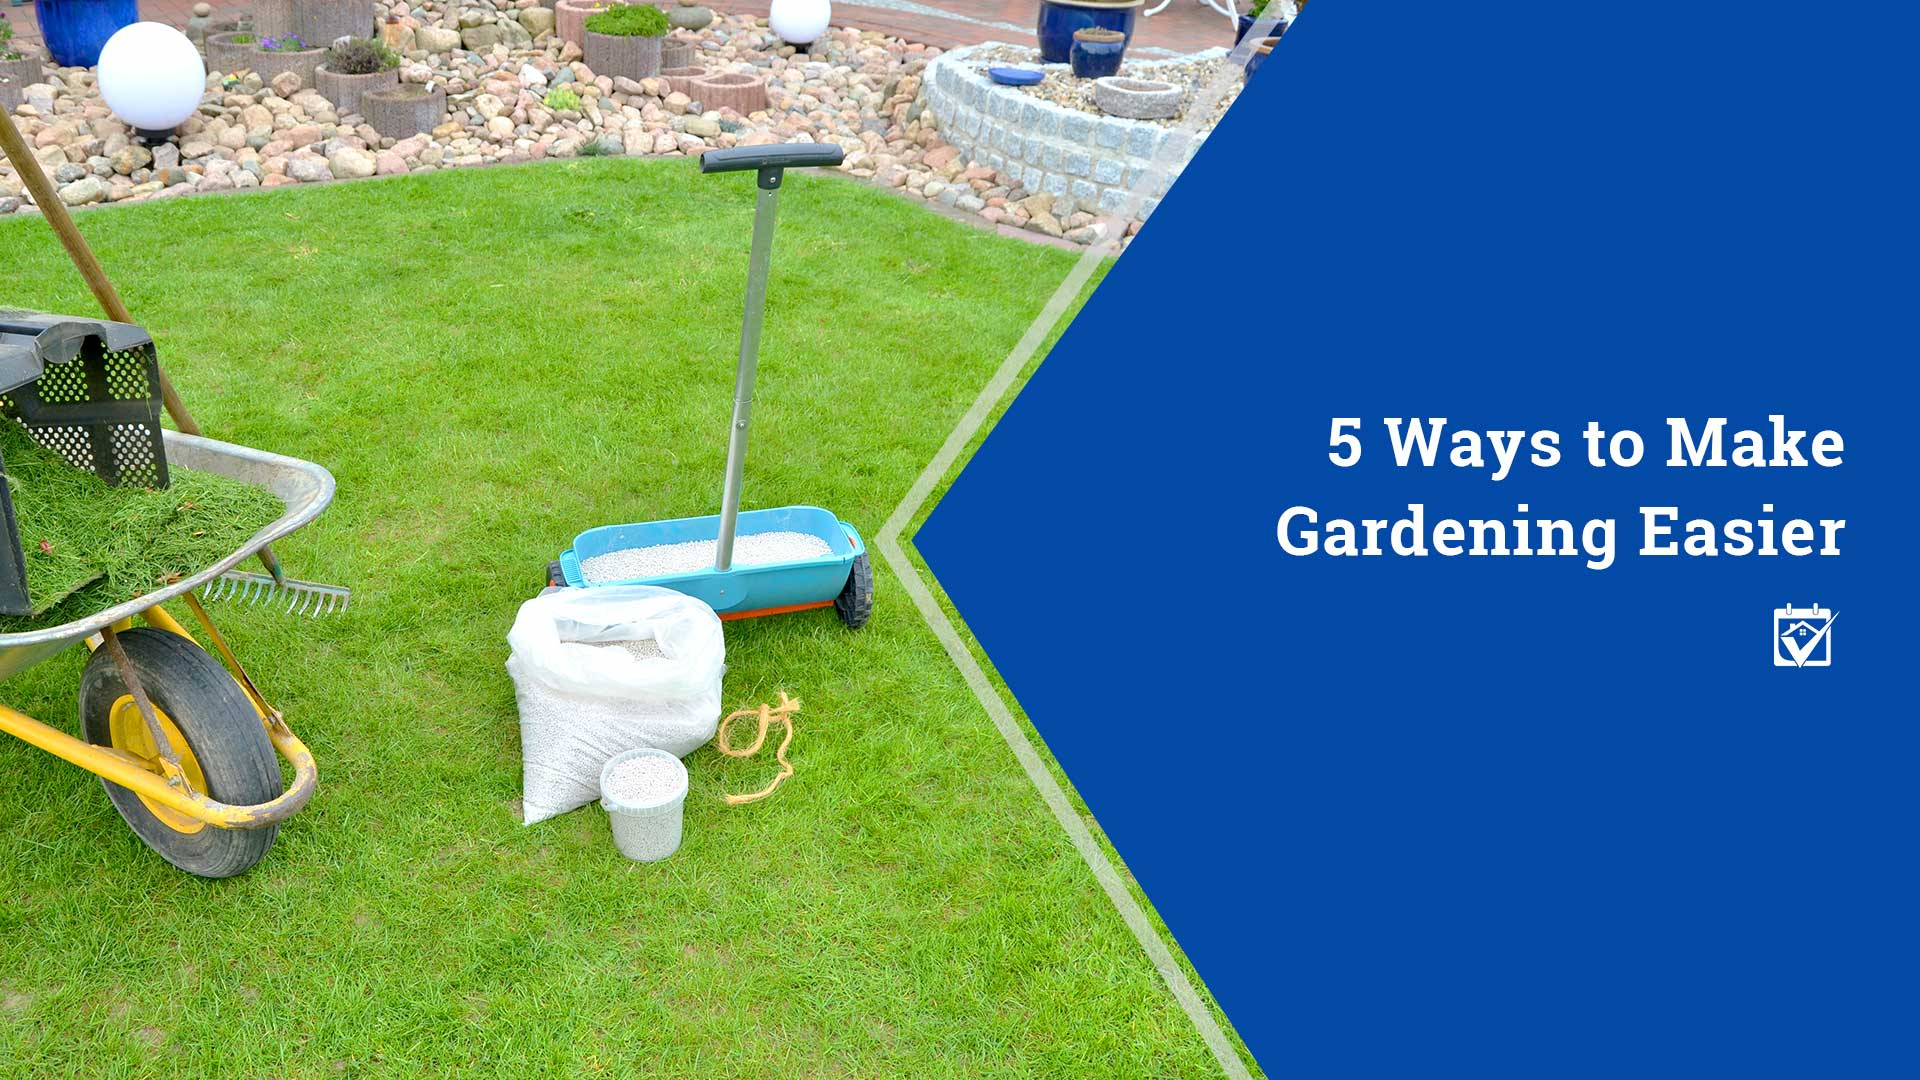 5 Ways to Make Gardening Easier